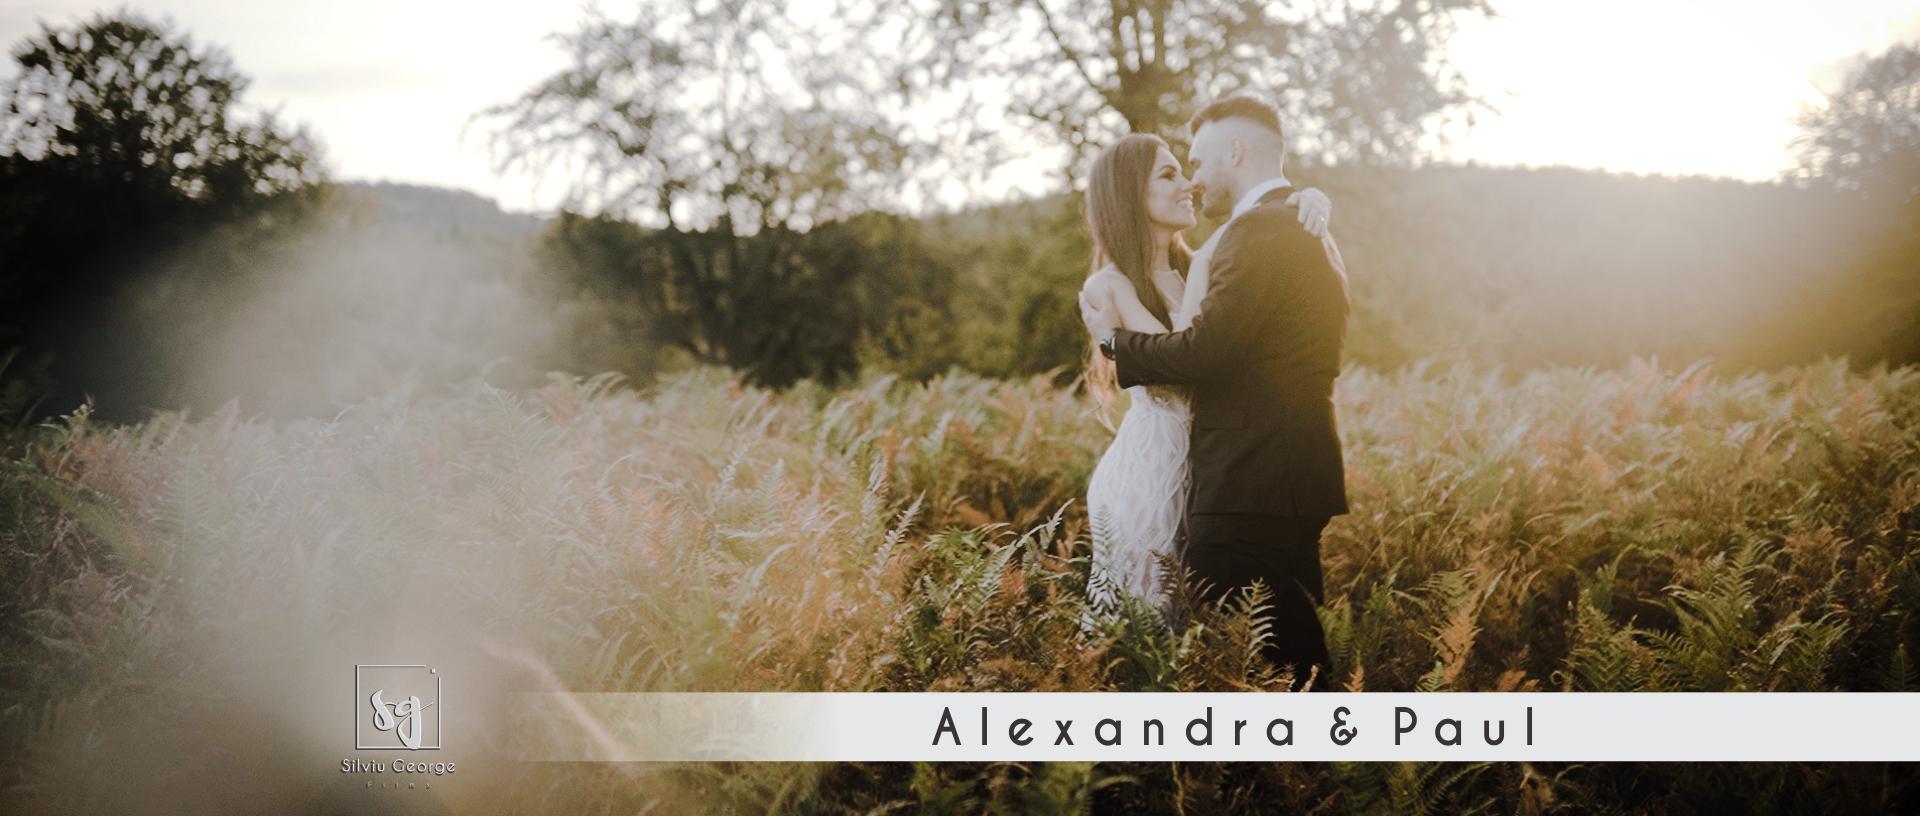 thumbnail Alexandra & Paul